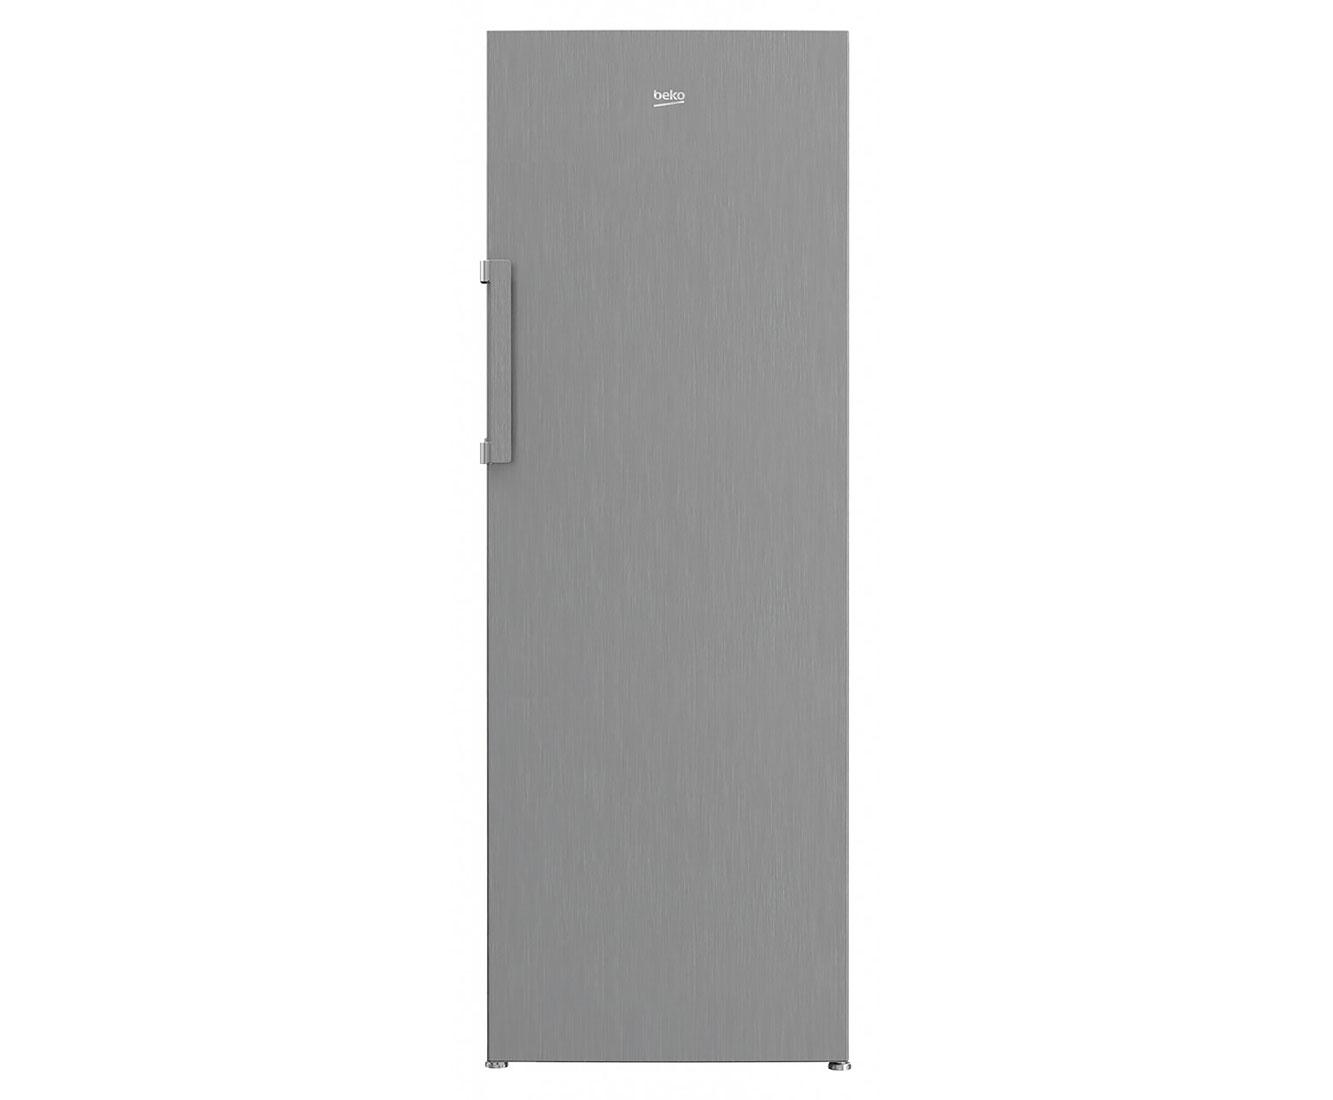 Aeg Kühlschrank Retro : Edelstahl kühlschrank preisvergleich u die besten angebote online